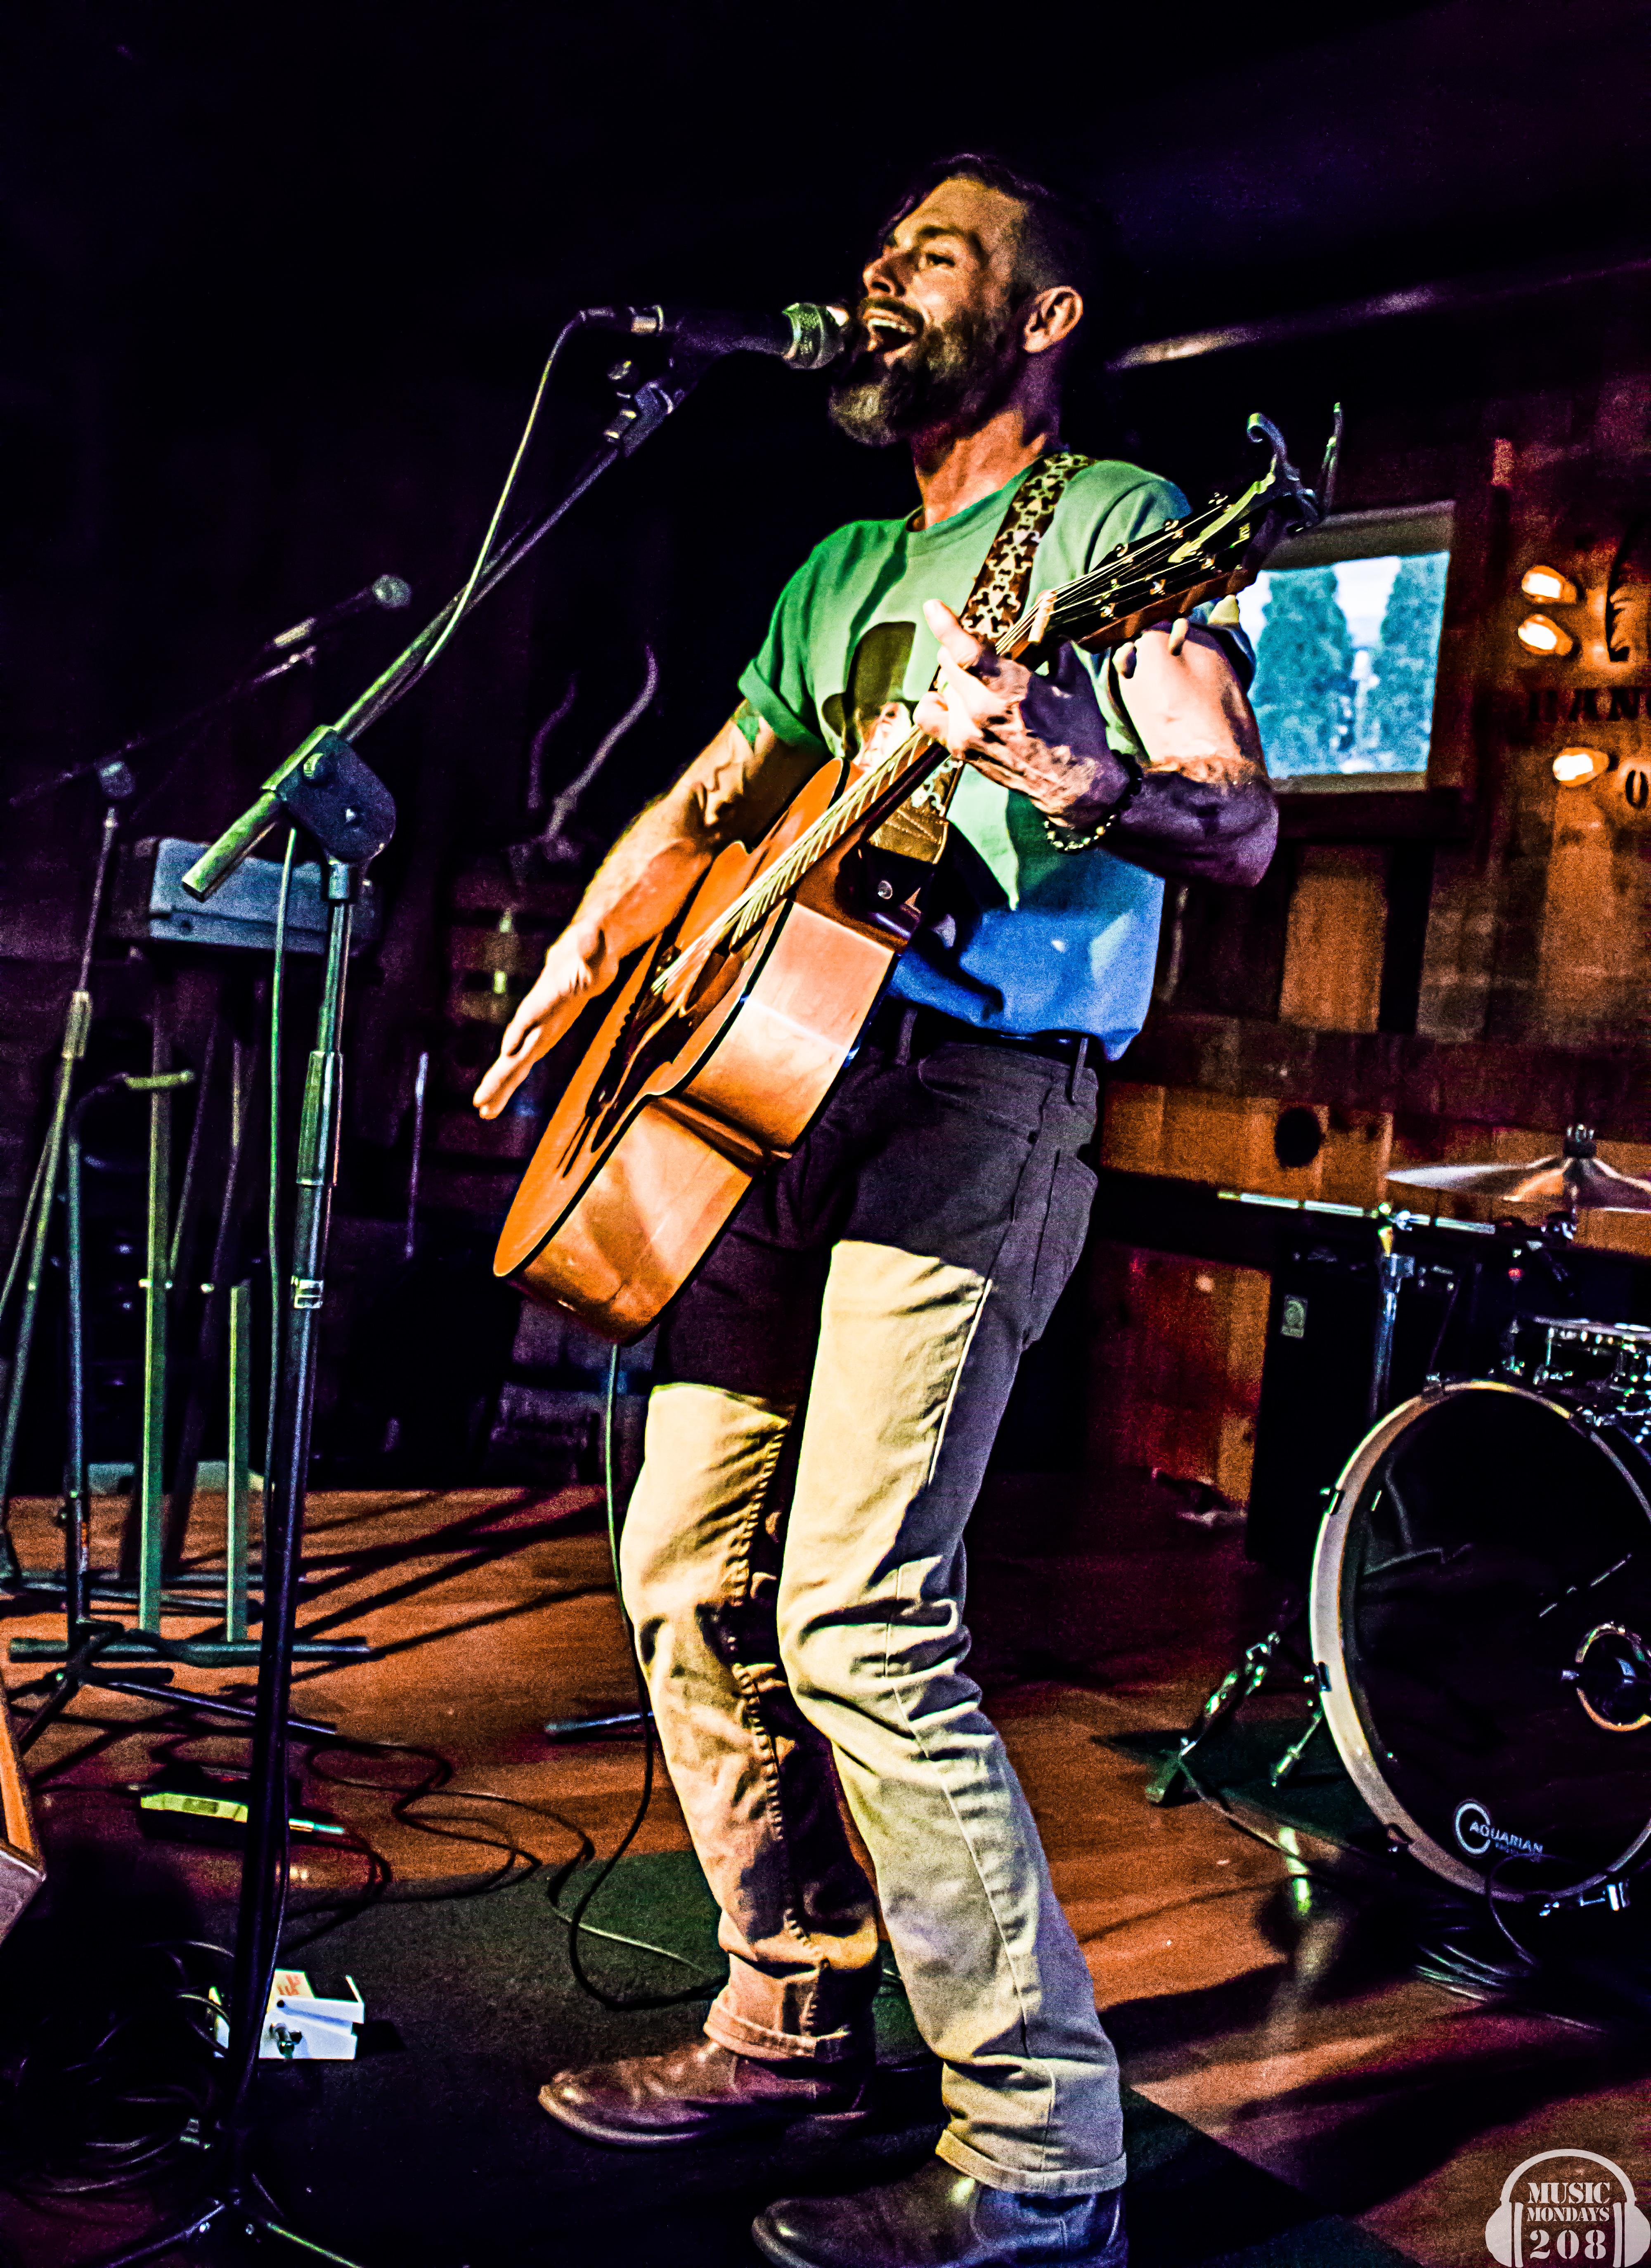 Dustin Morrison